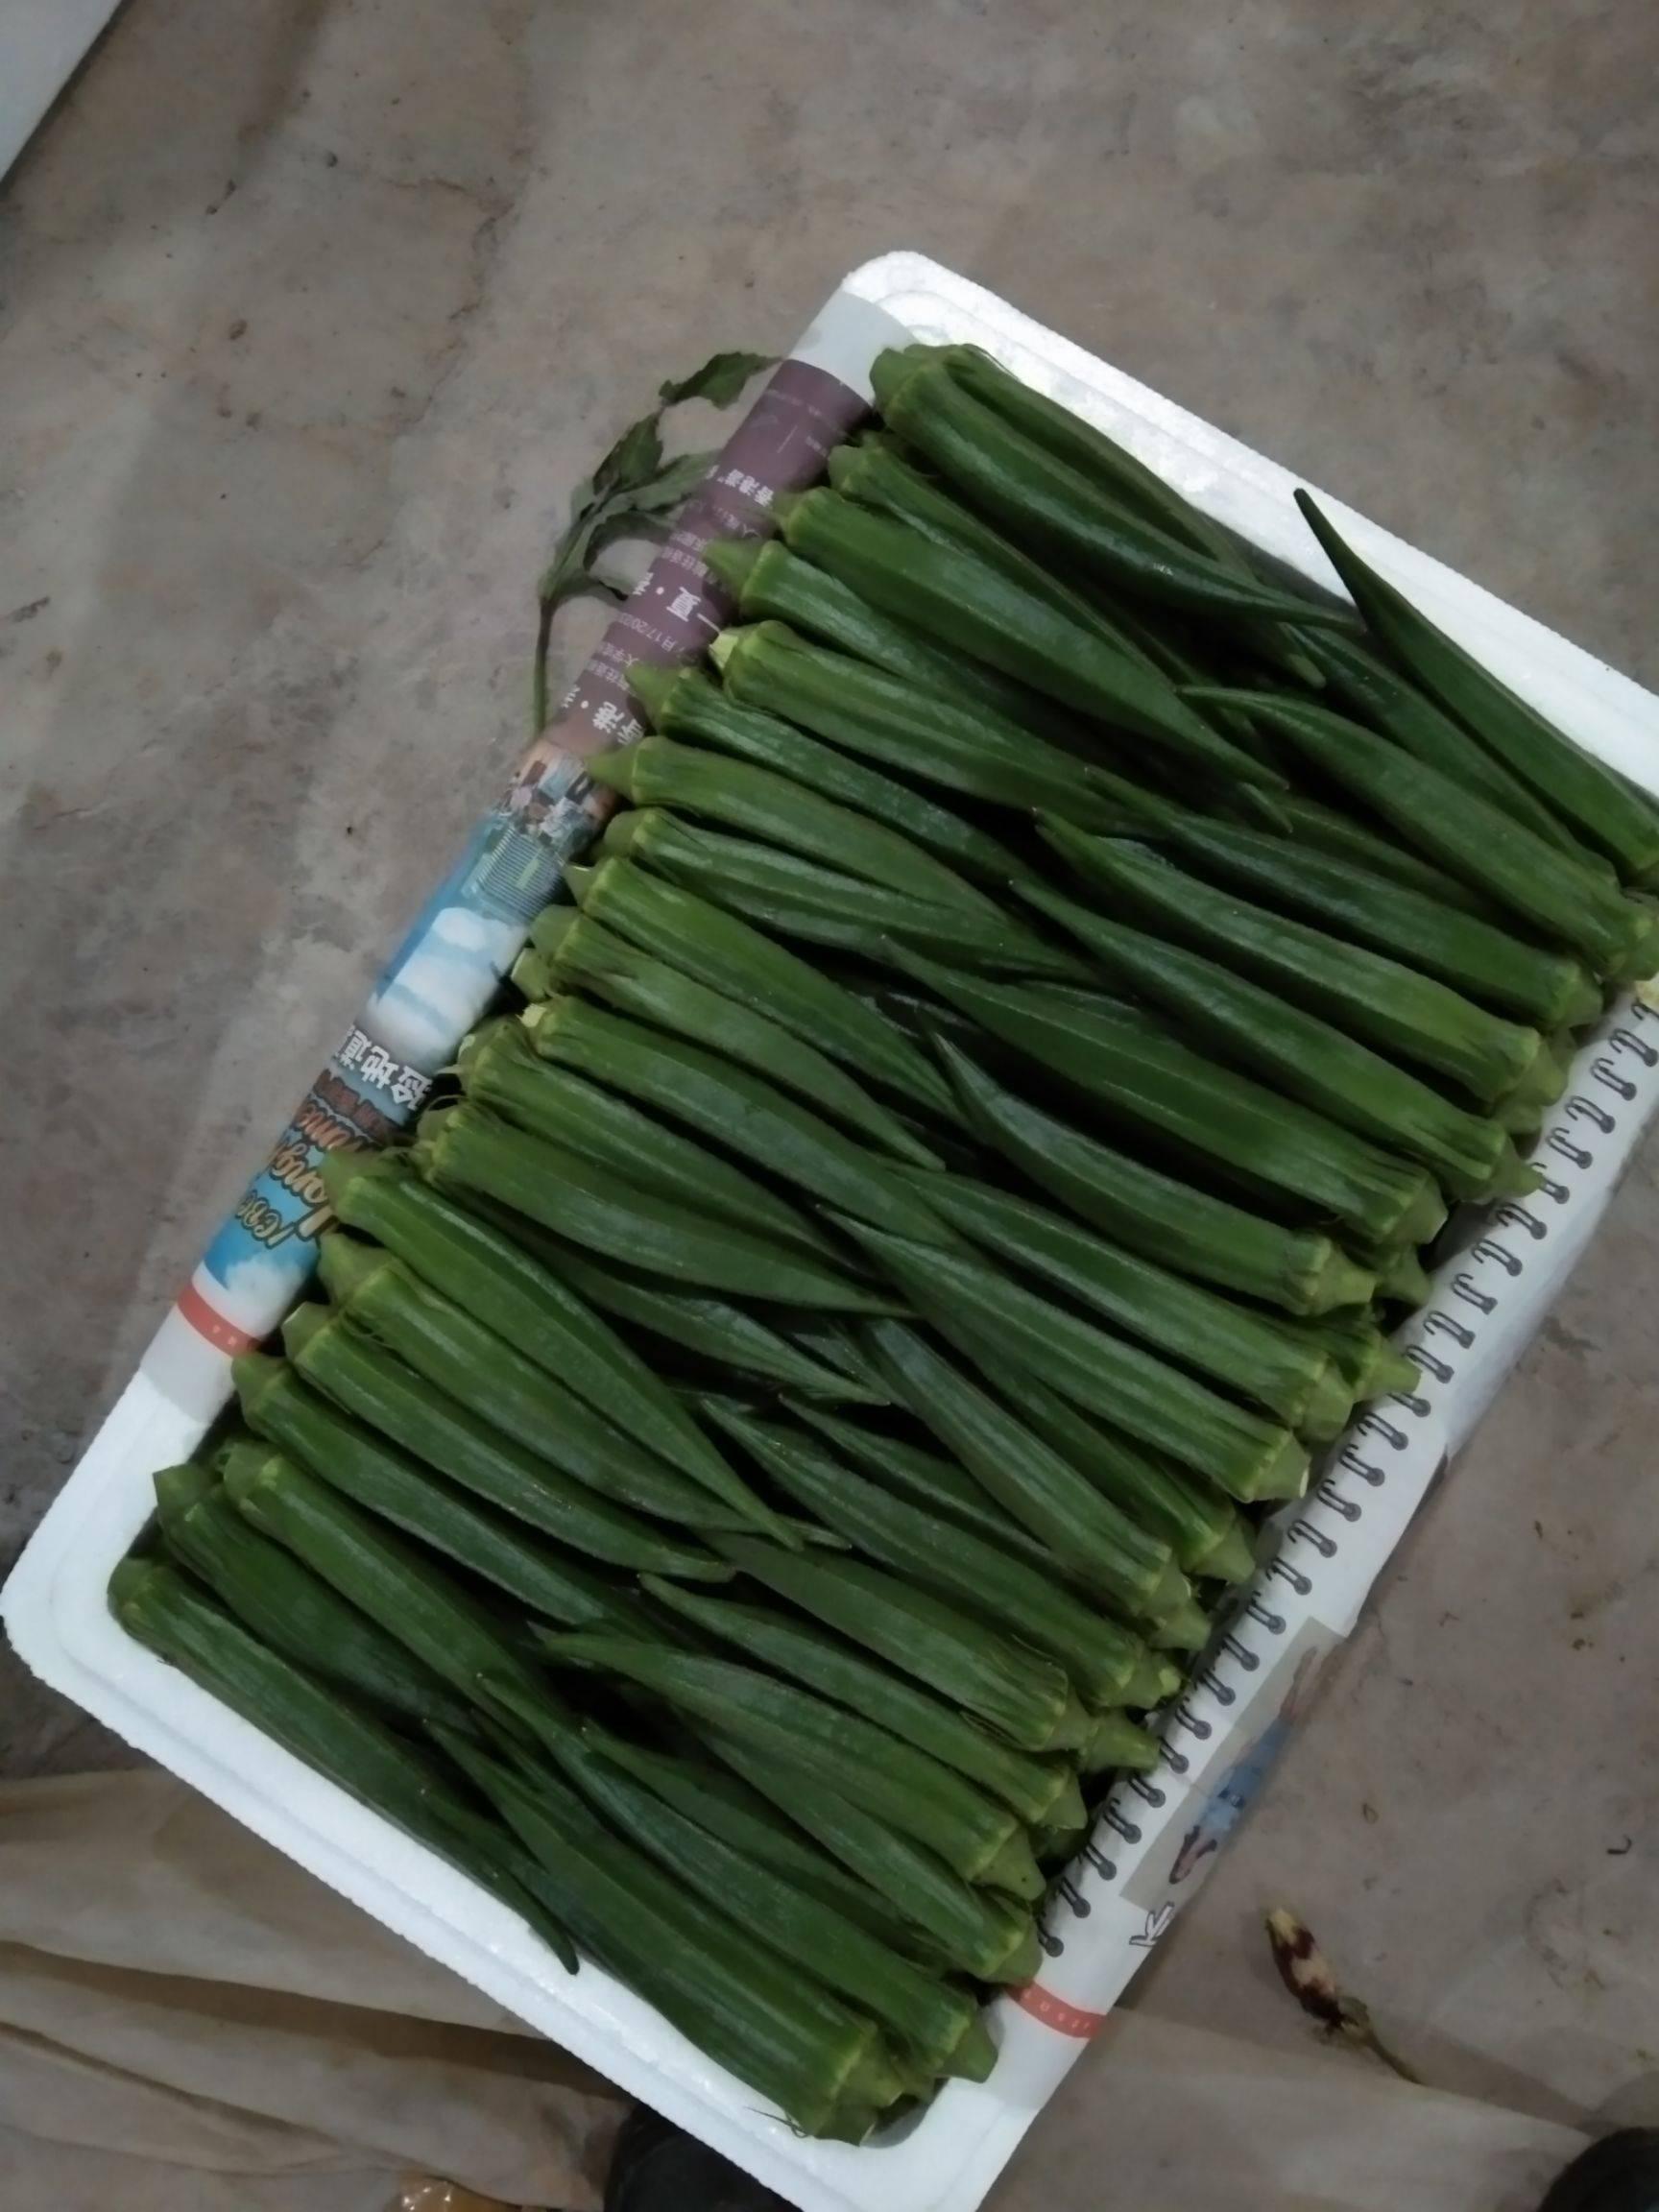 杭州蔬菜批发交易市场常年收购代销美人椒 小米椒 海花红 杭